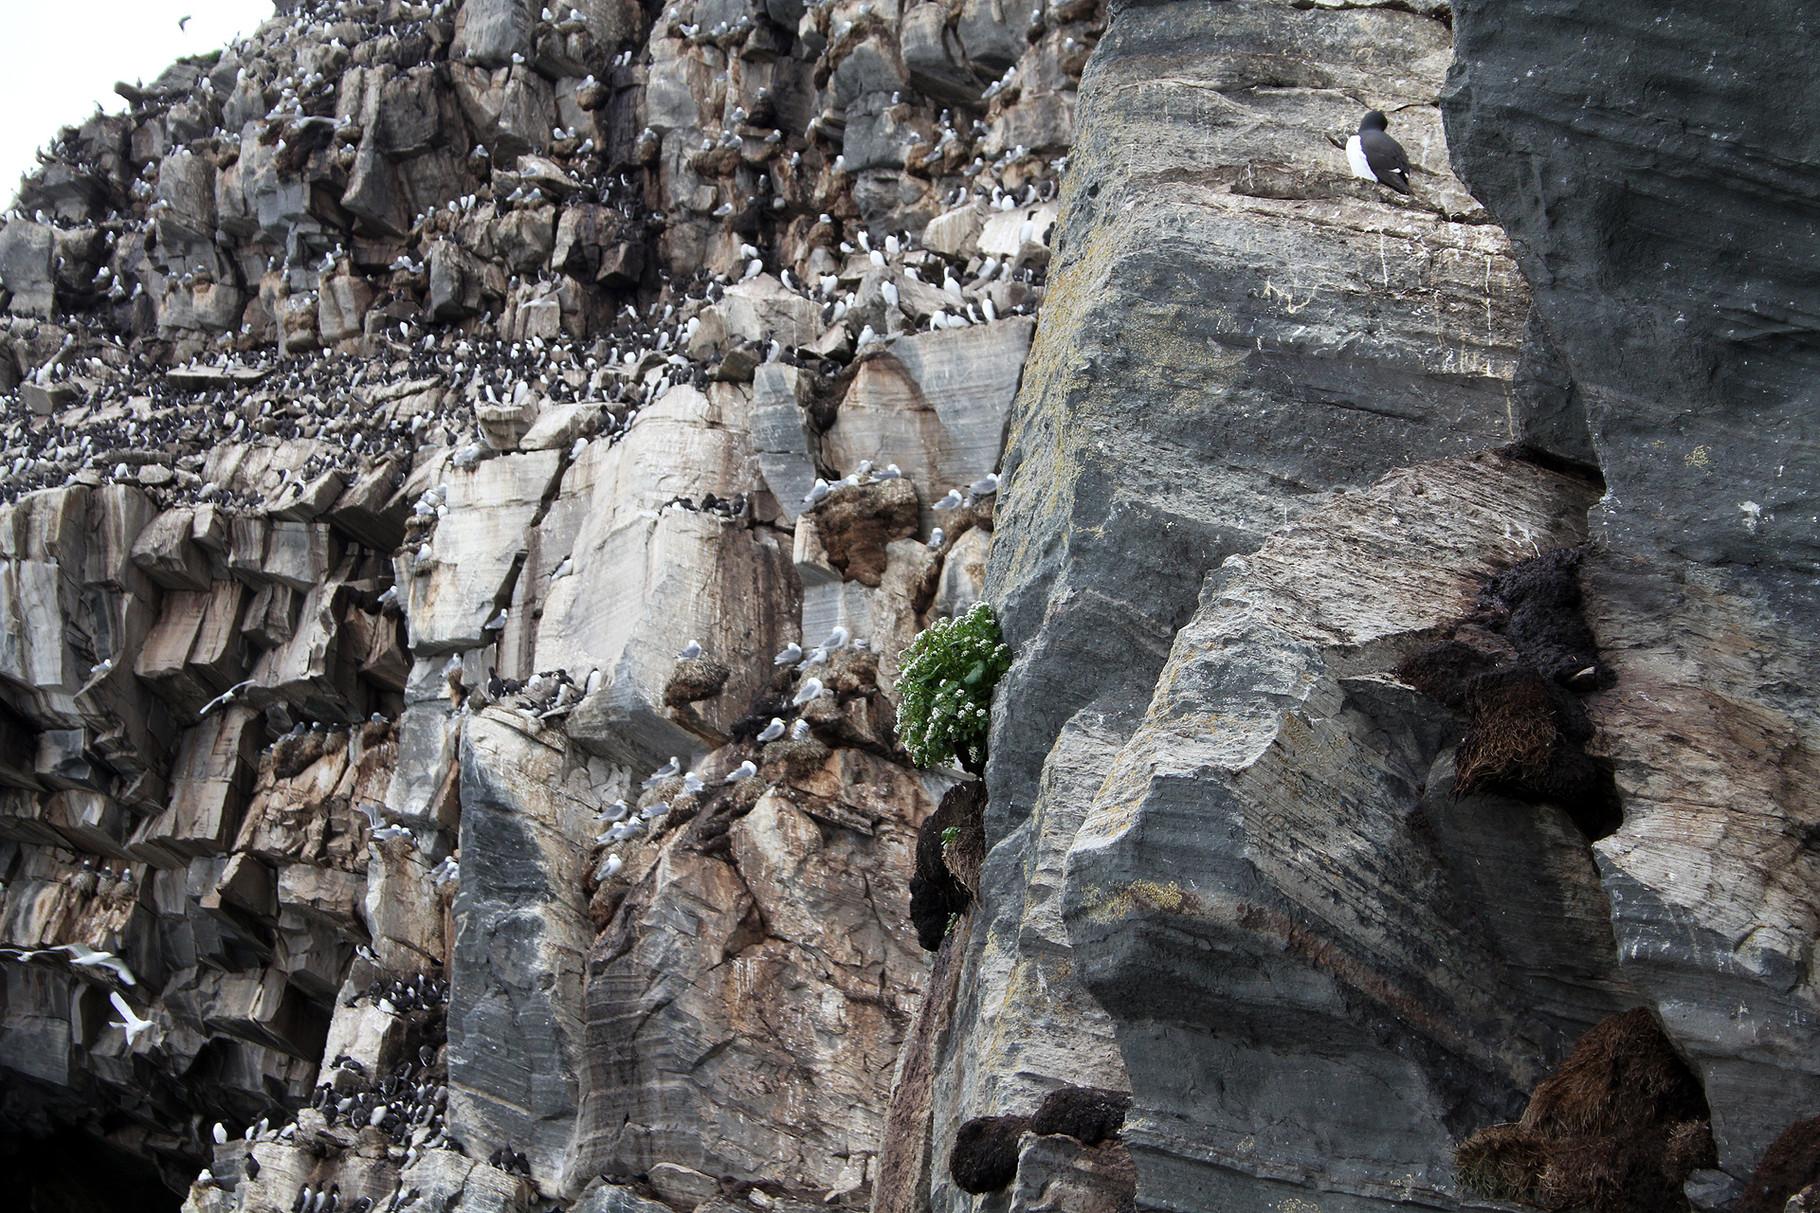 Vom einzigen erlaubten Weg aus sind die Brutvogel-Kolonien aus nächster Nähe zu beobachten